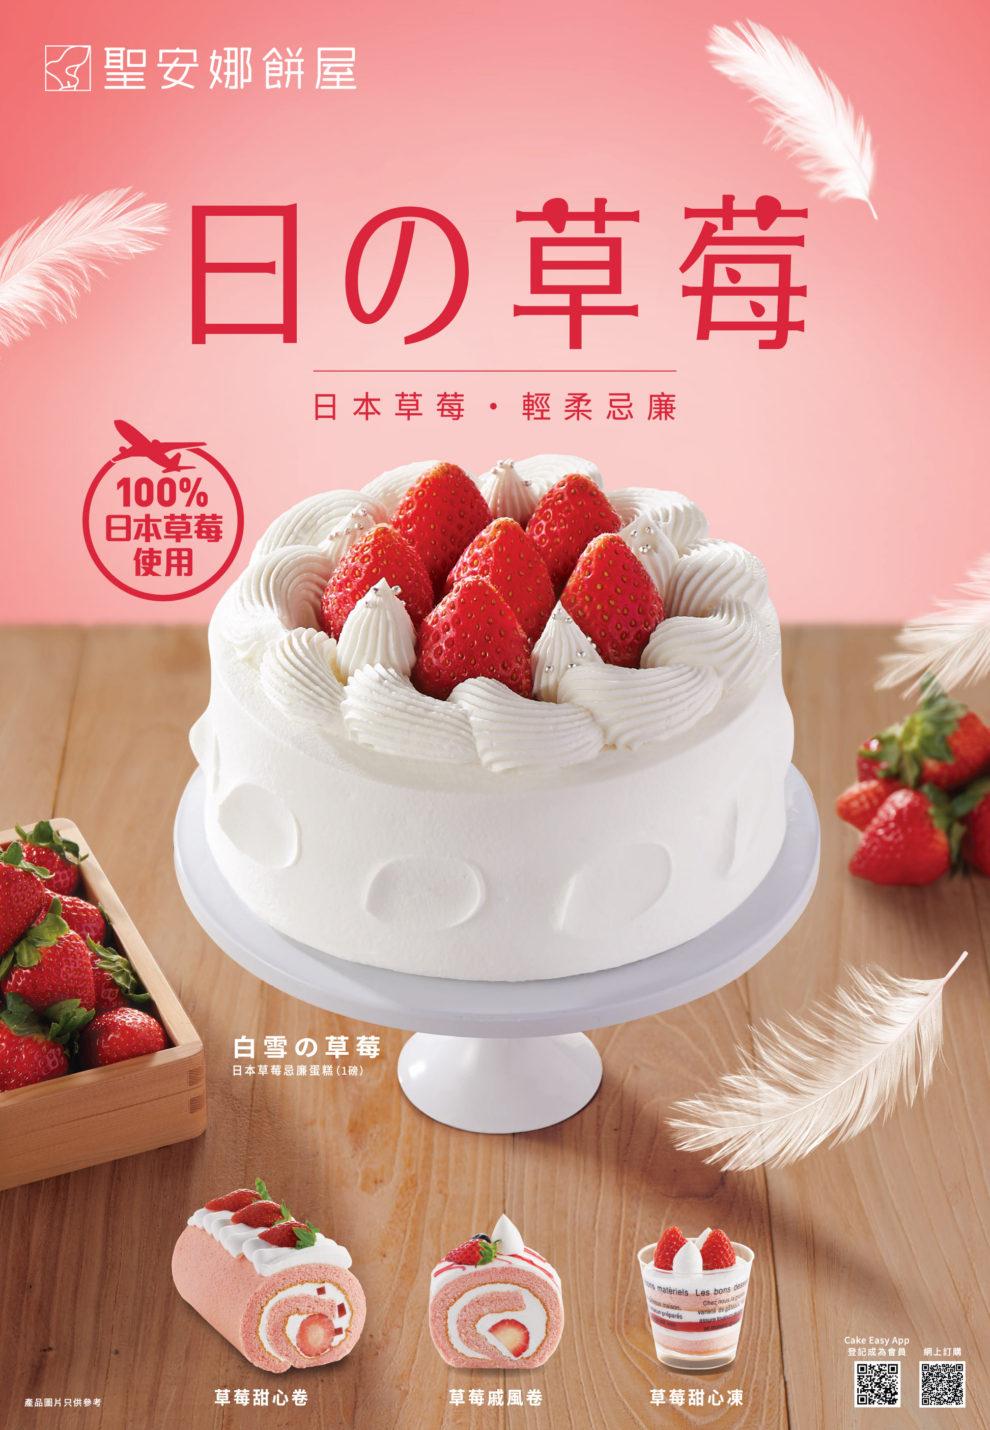 聖安娜「日の草莓」系列